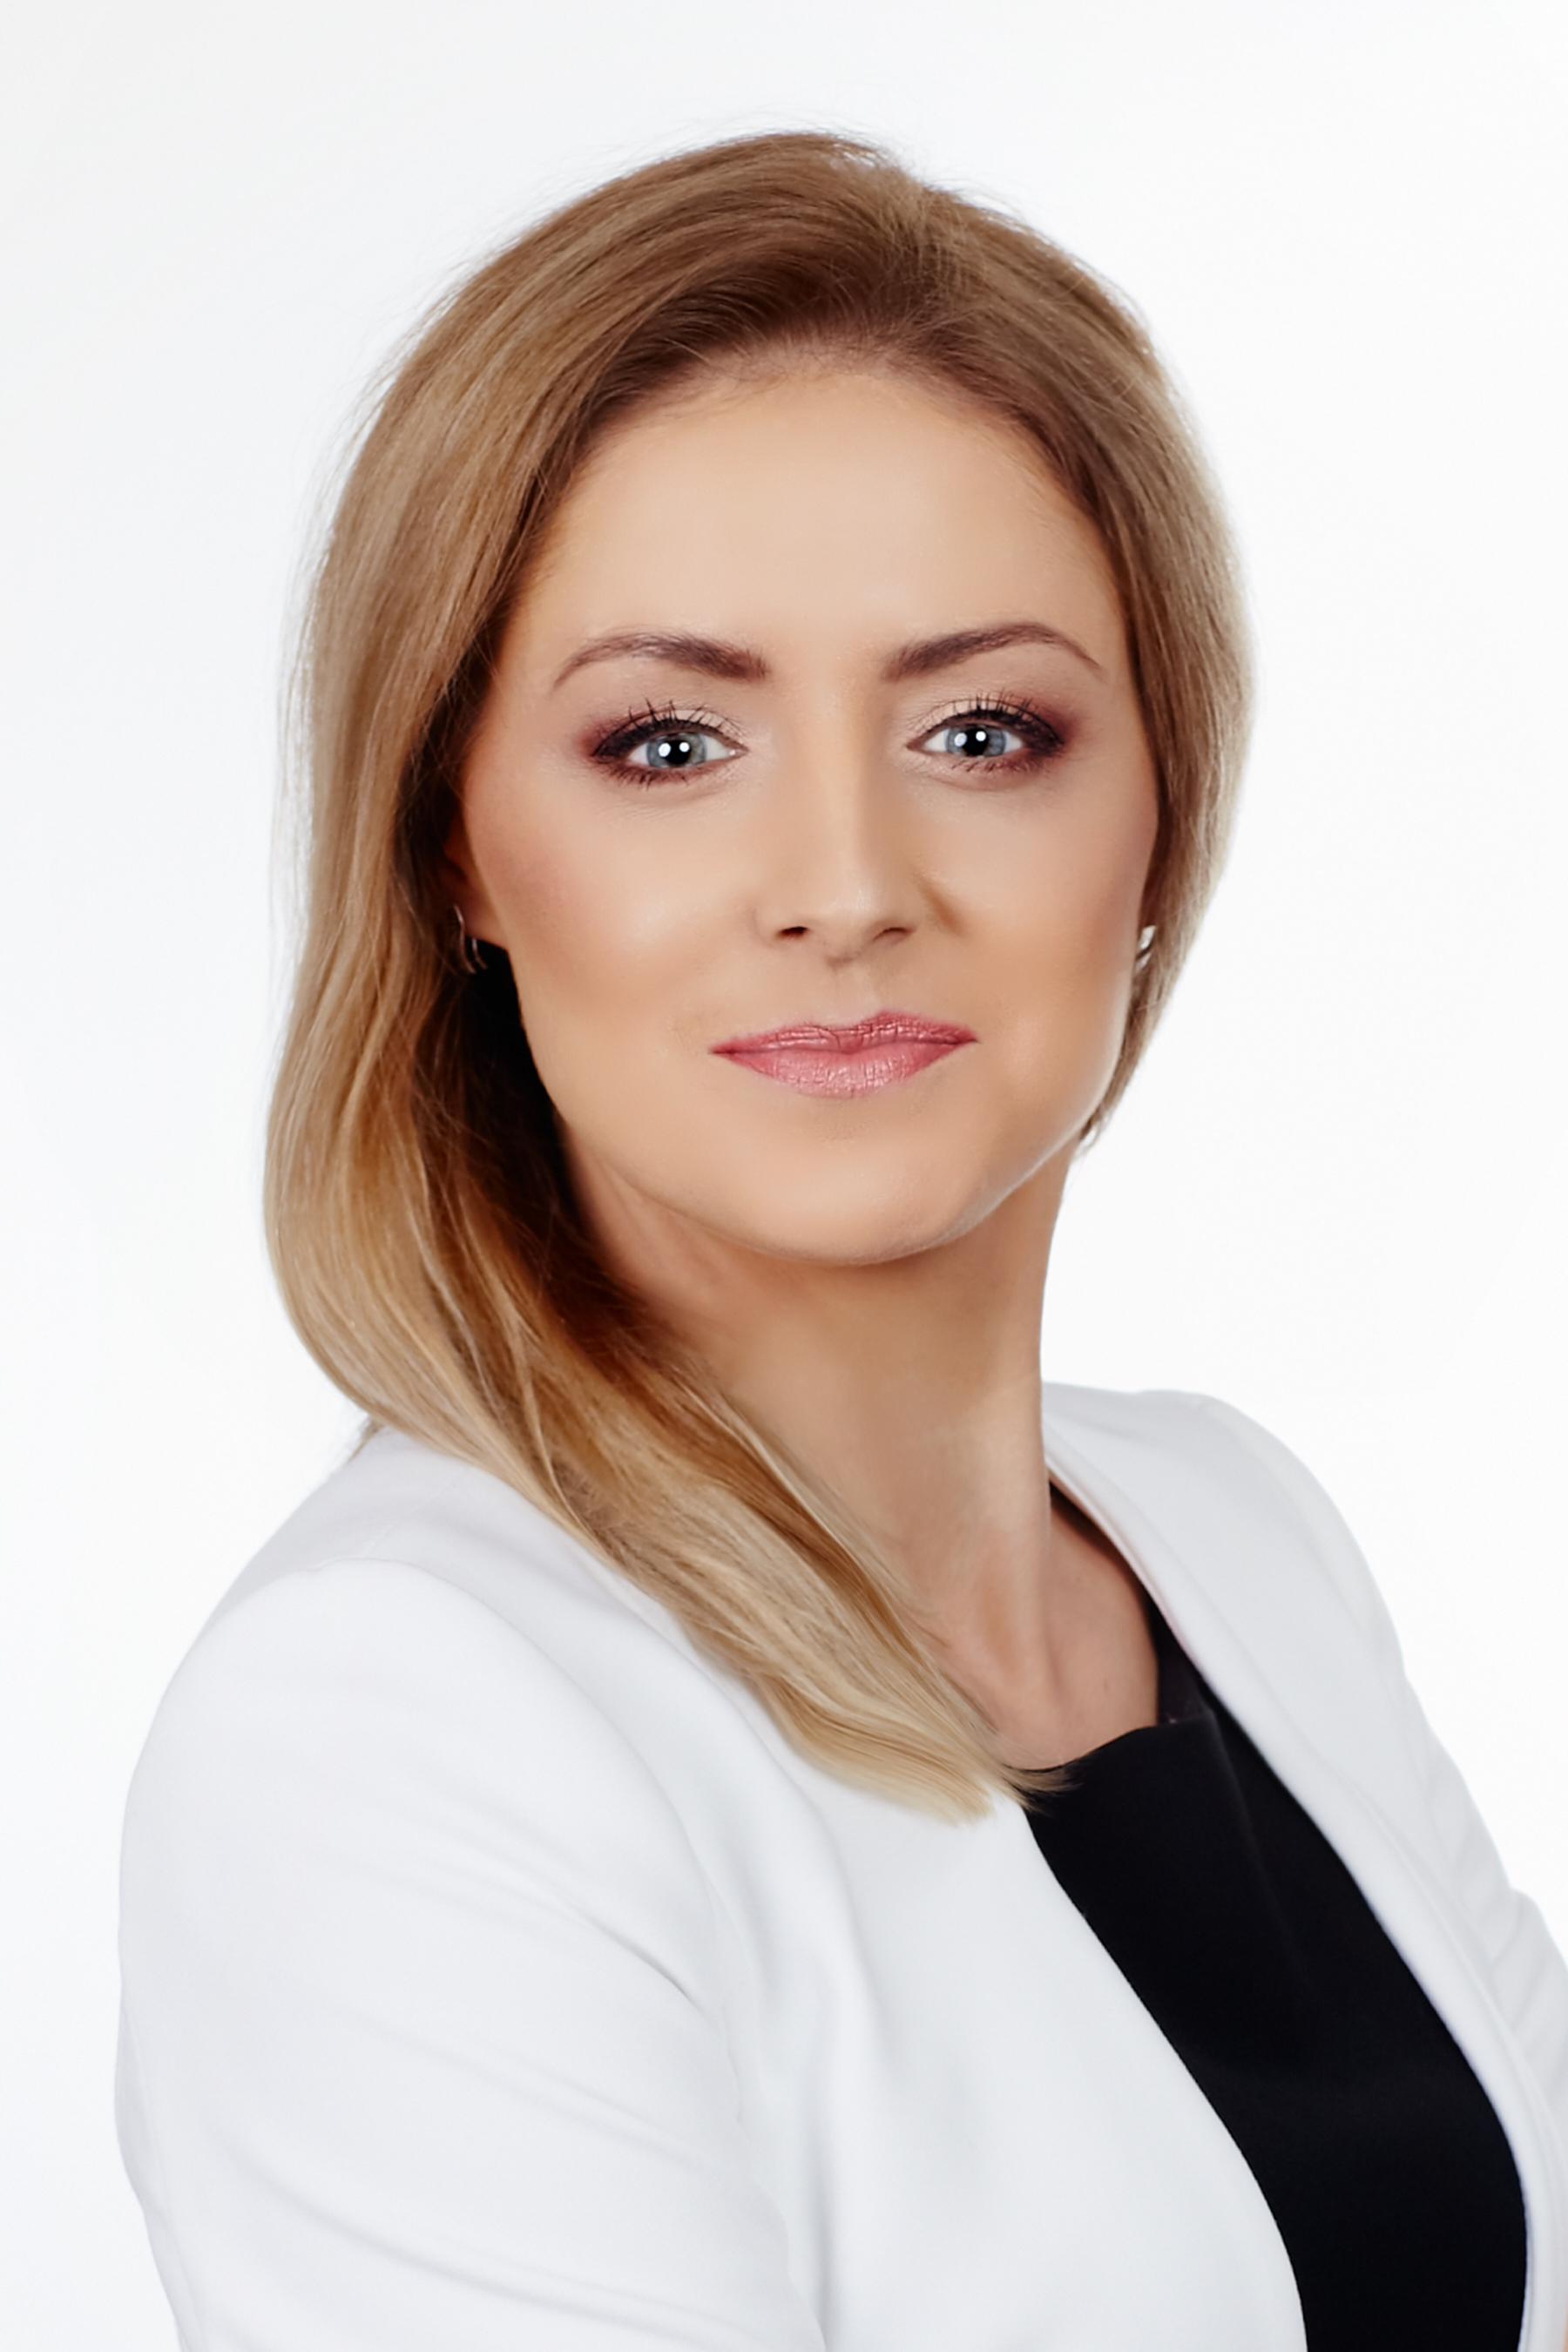 Justyna Duszyńska